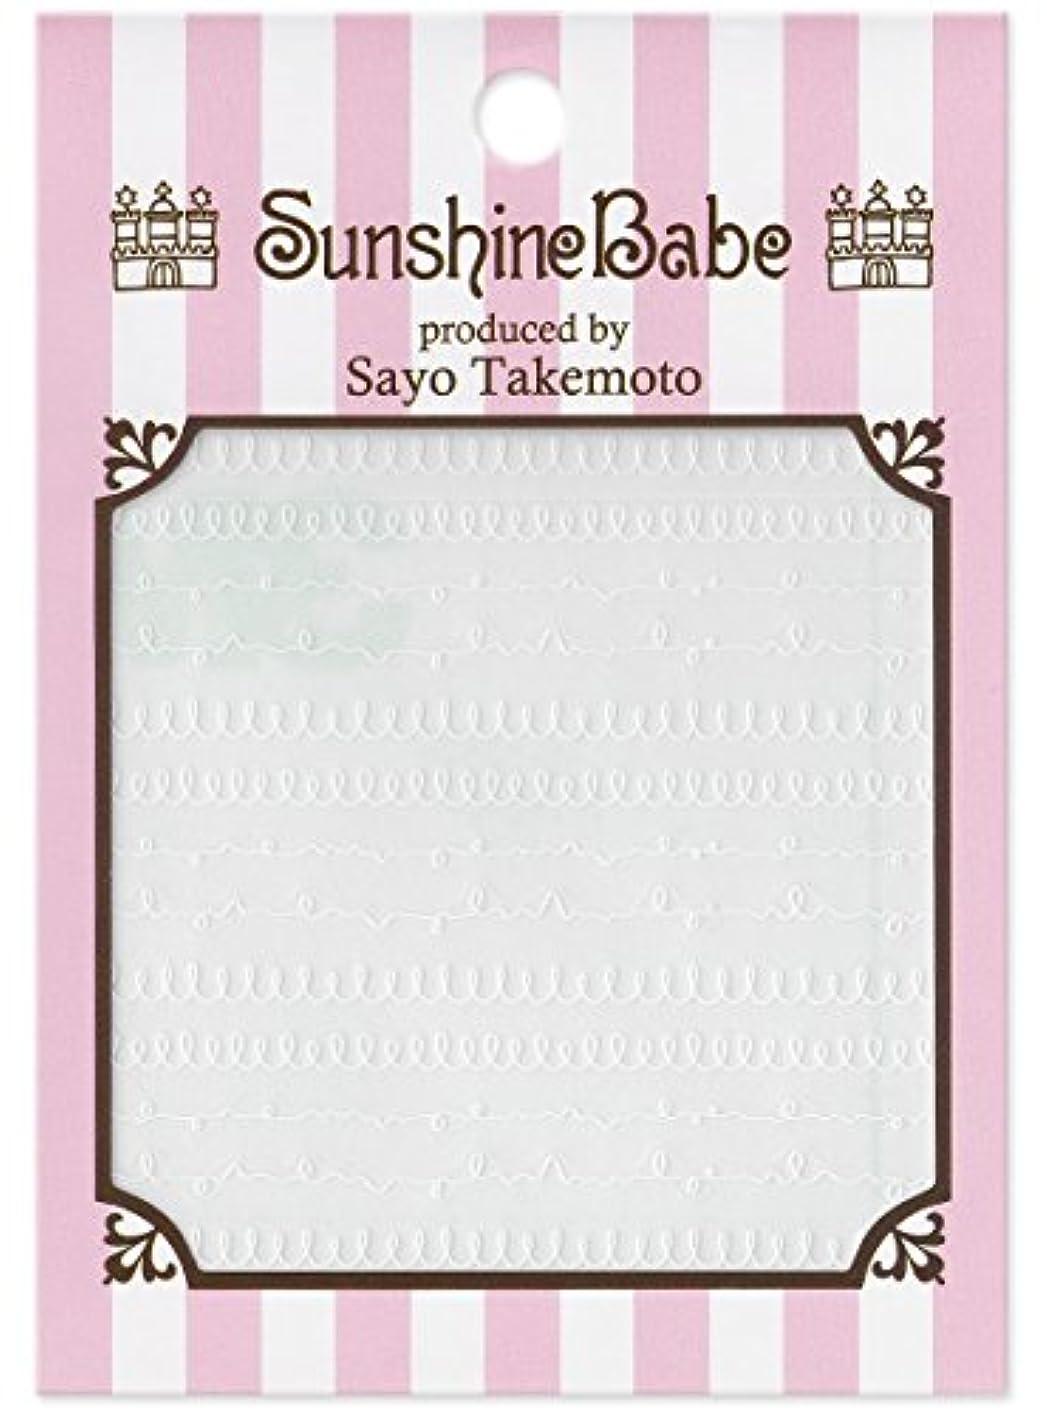 電話に出る昨日設計サンシャインベビー ジェルネイル 武本小夜のネイルシール Sayo Style スパイラル ホワイト